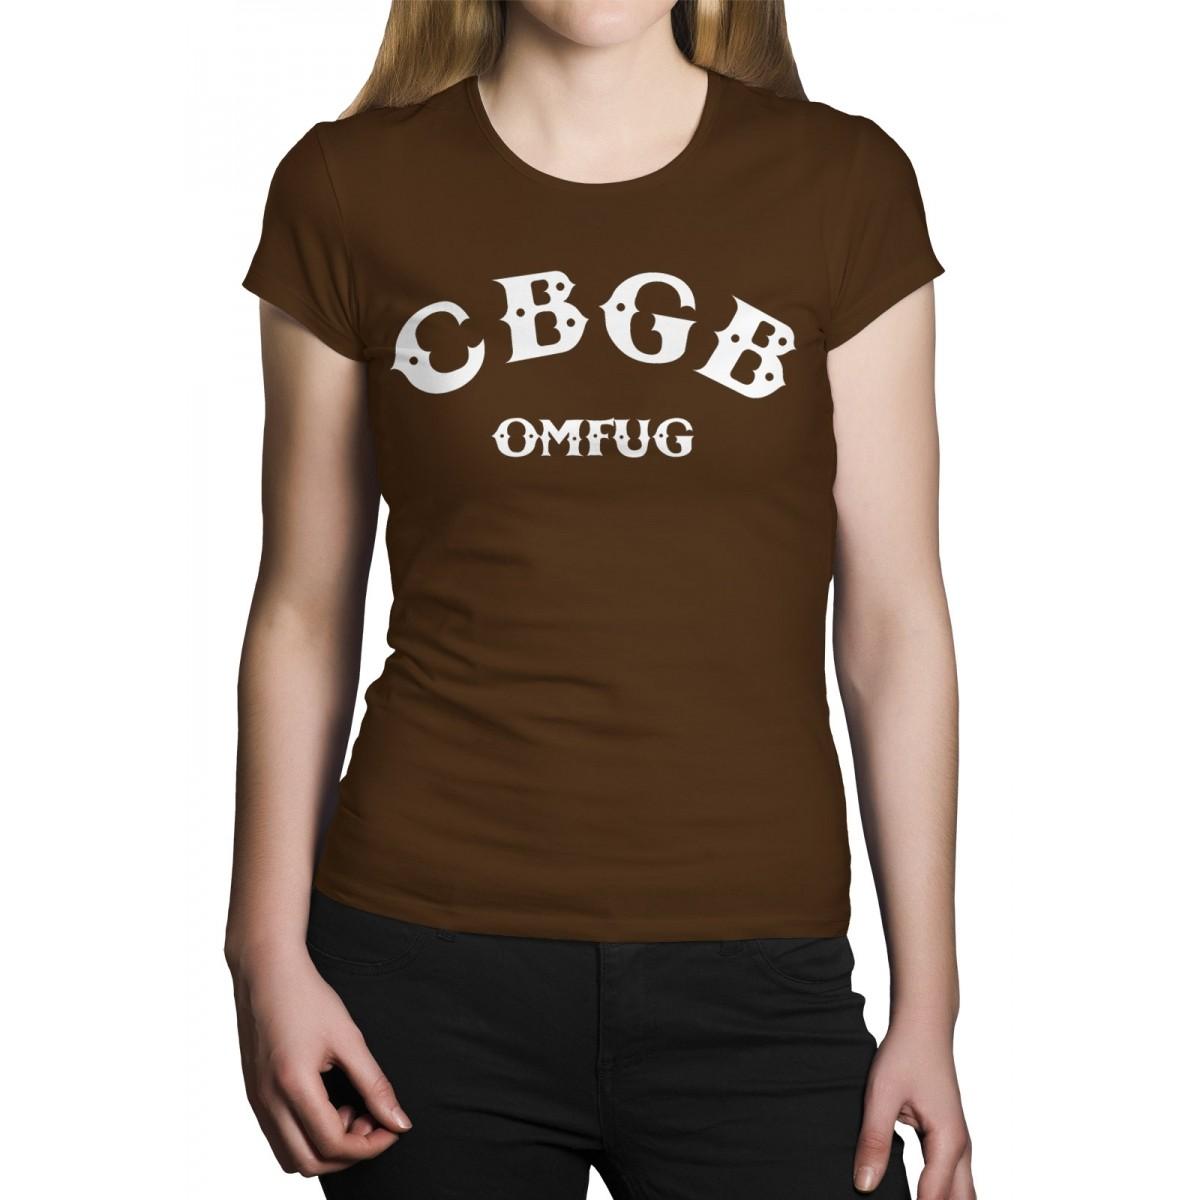 Camiseta HShop Cbgb Marrom  - HShop